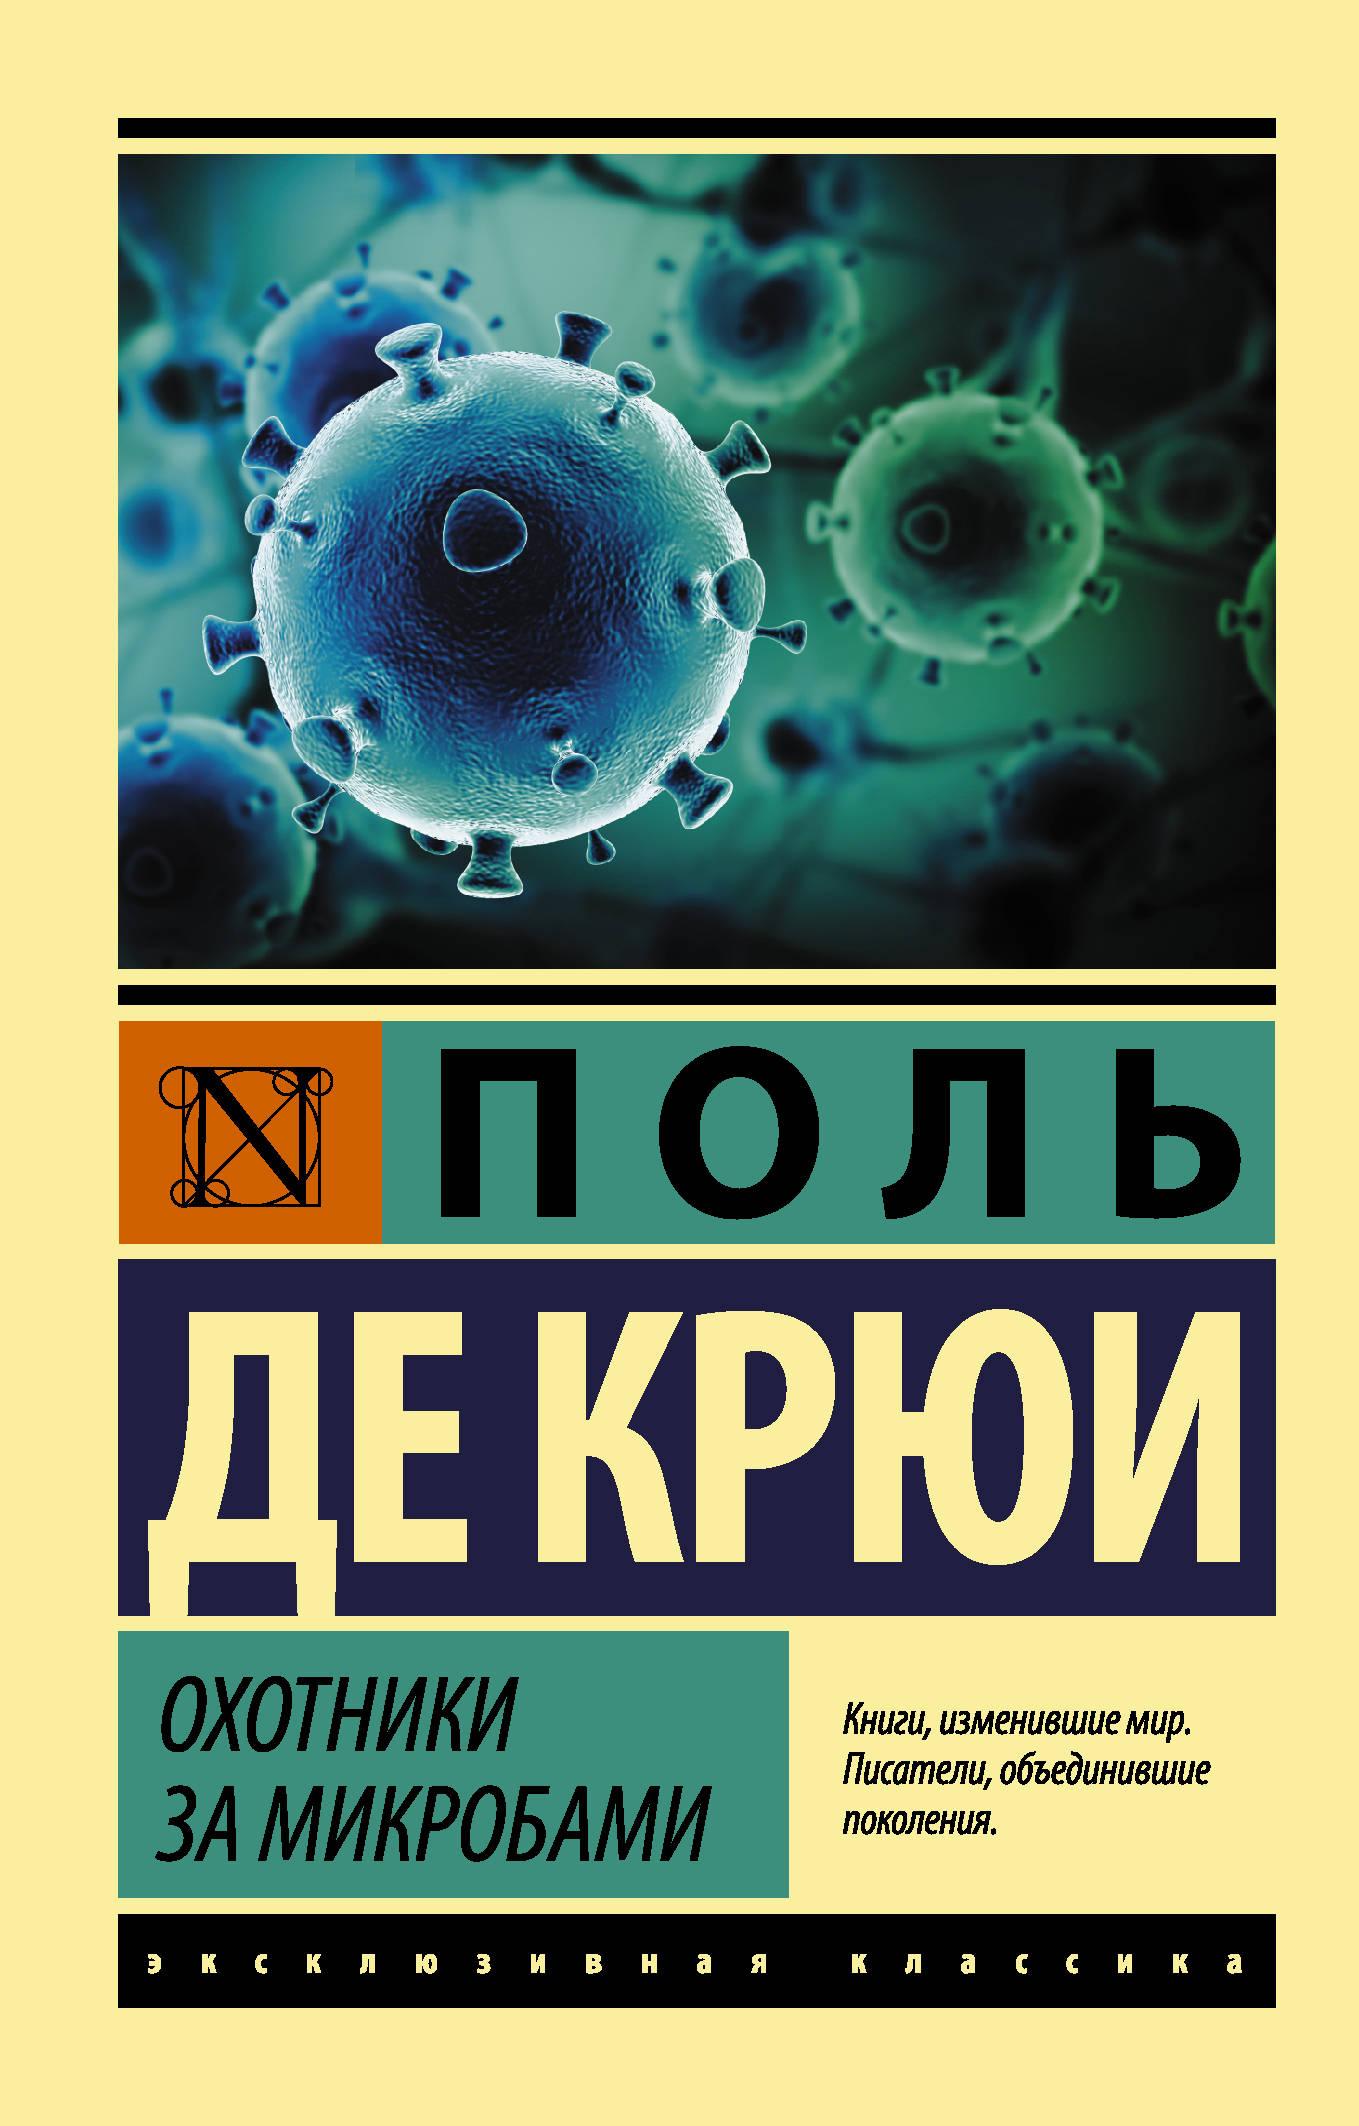 Охотники за микробами от book24.ru